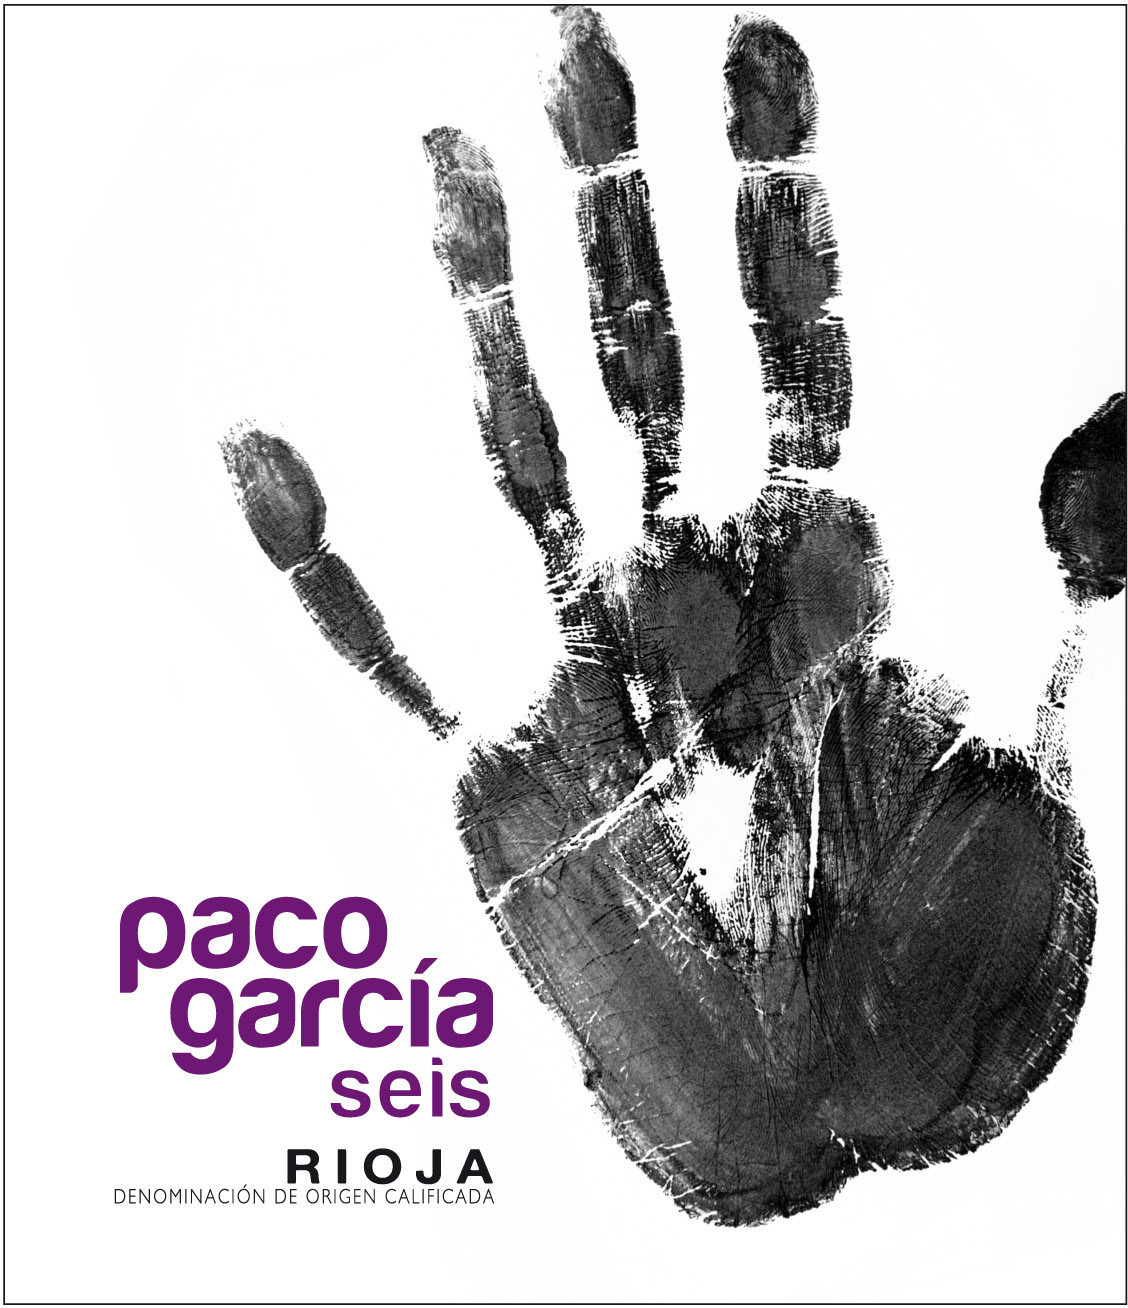 Paco García Seis